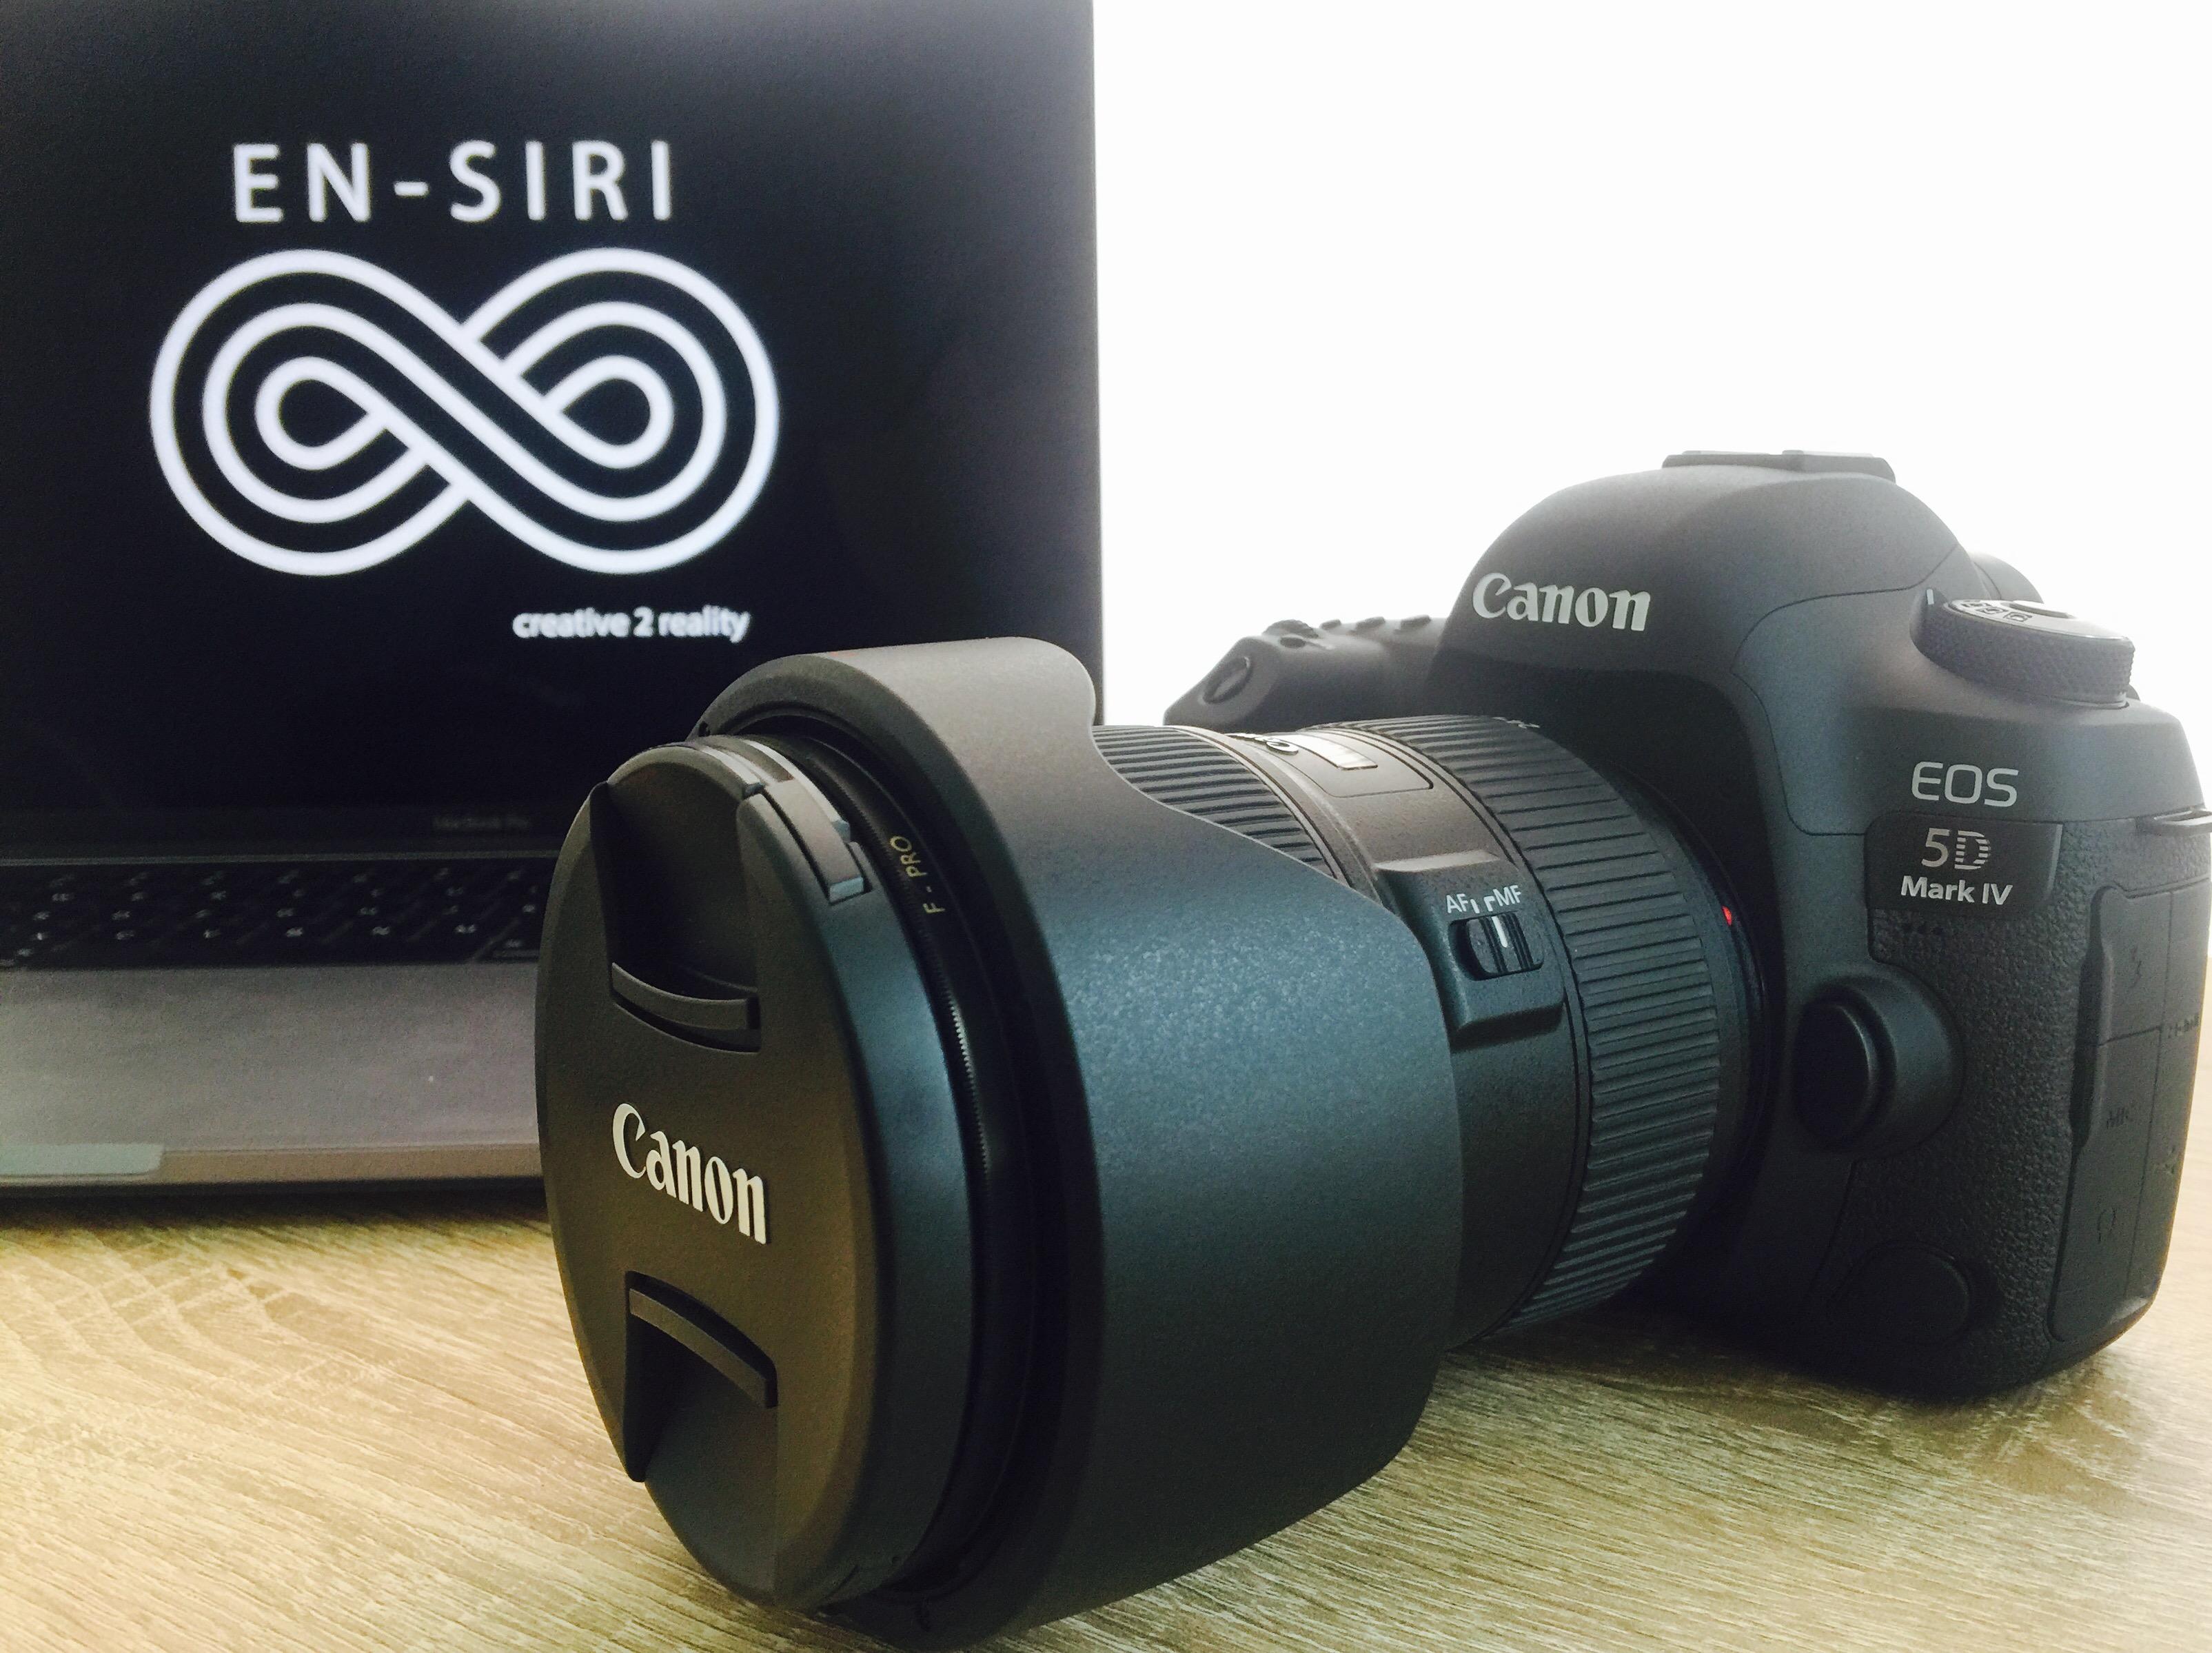 The Canon 5D Mark IV